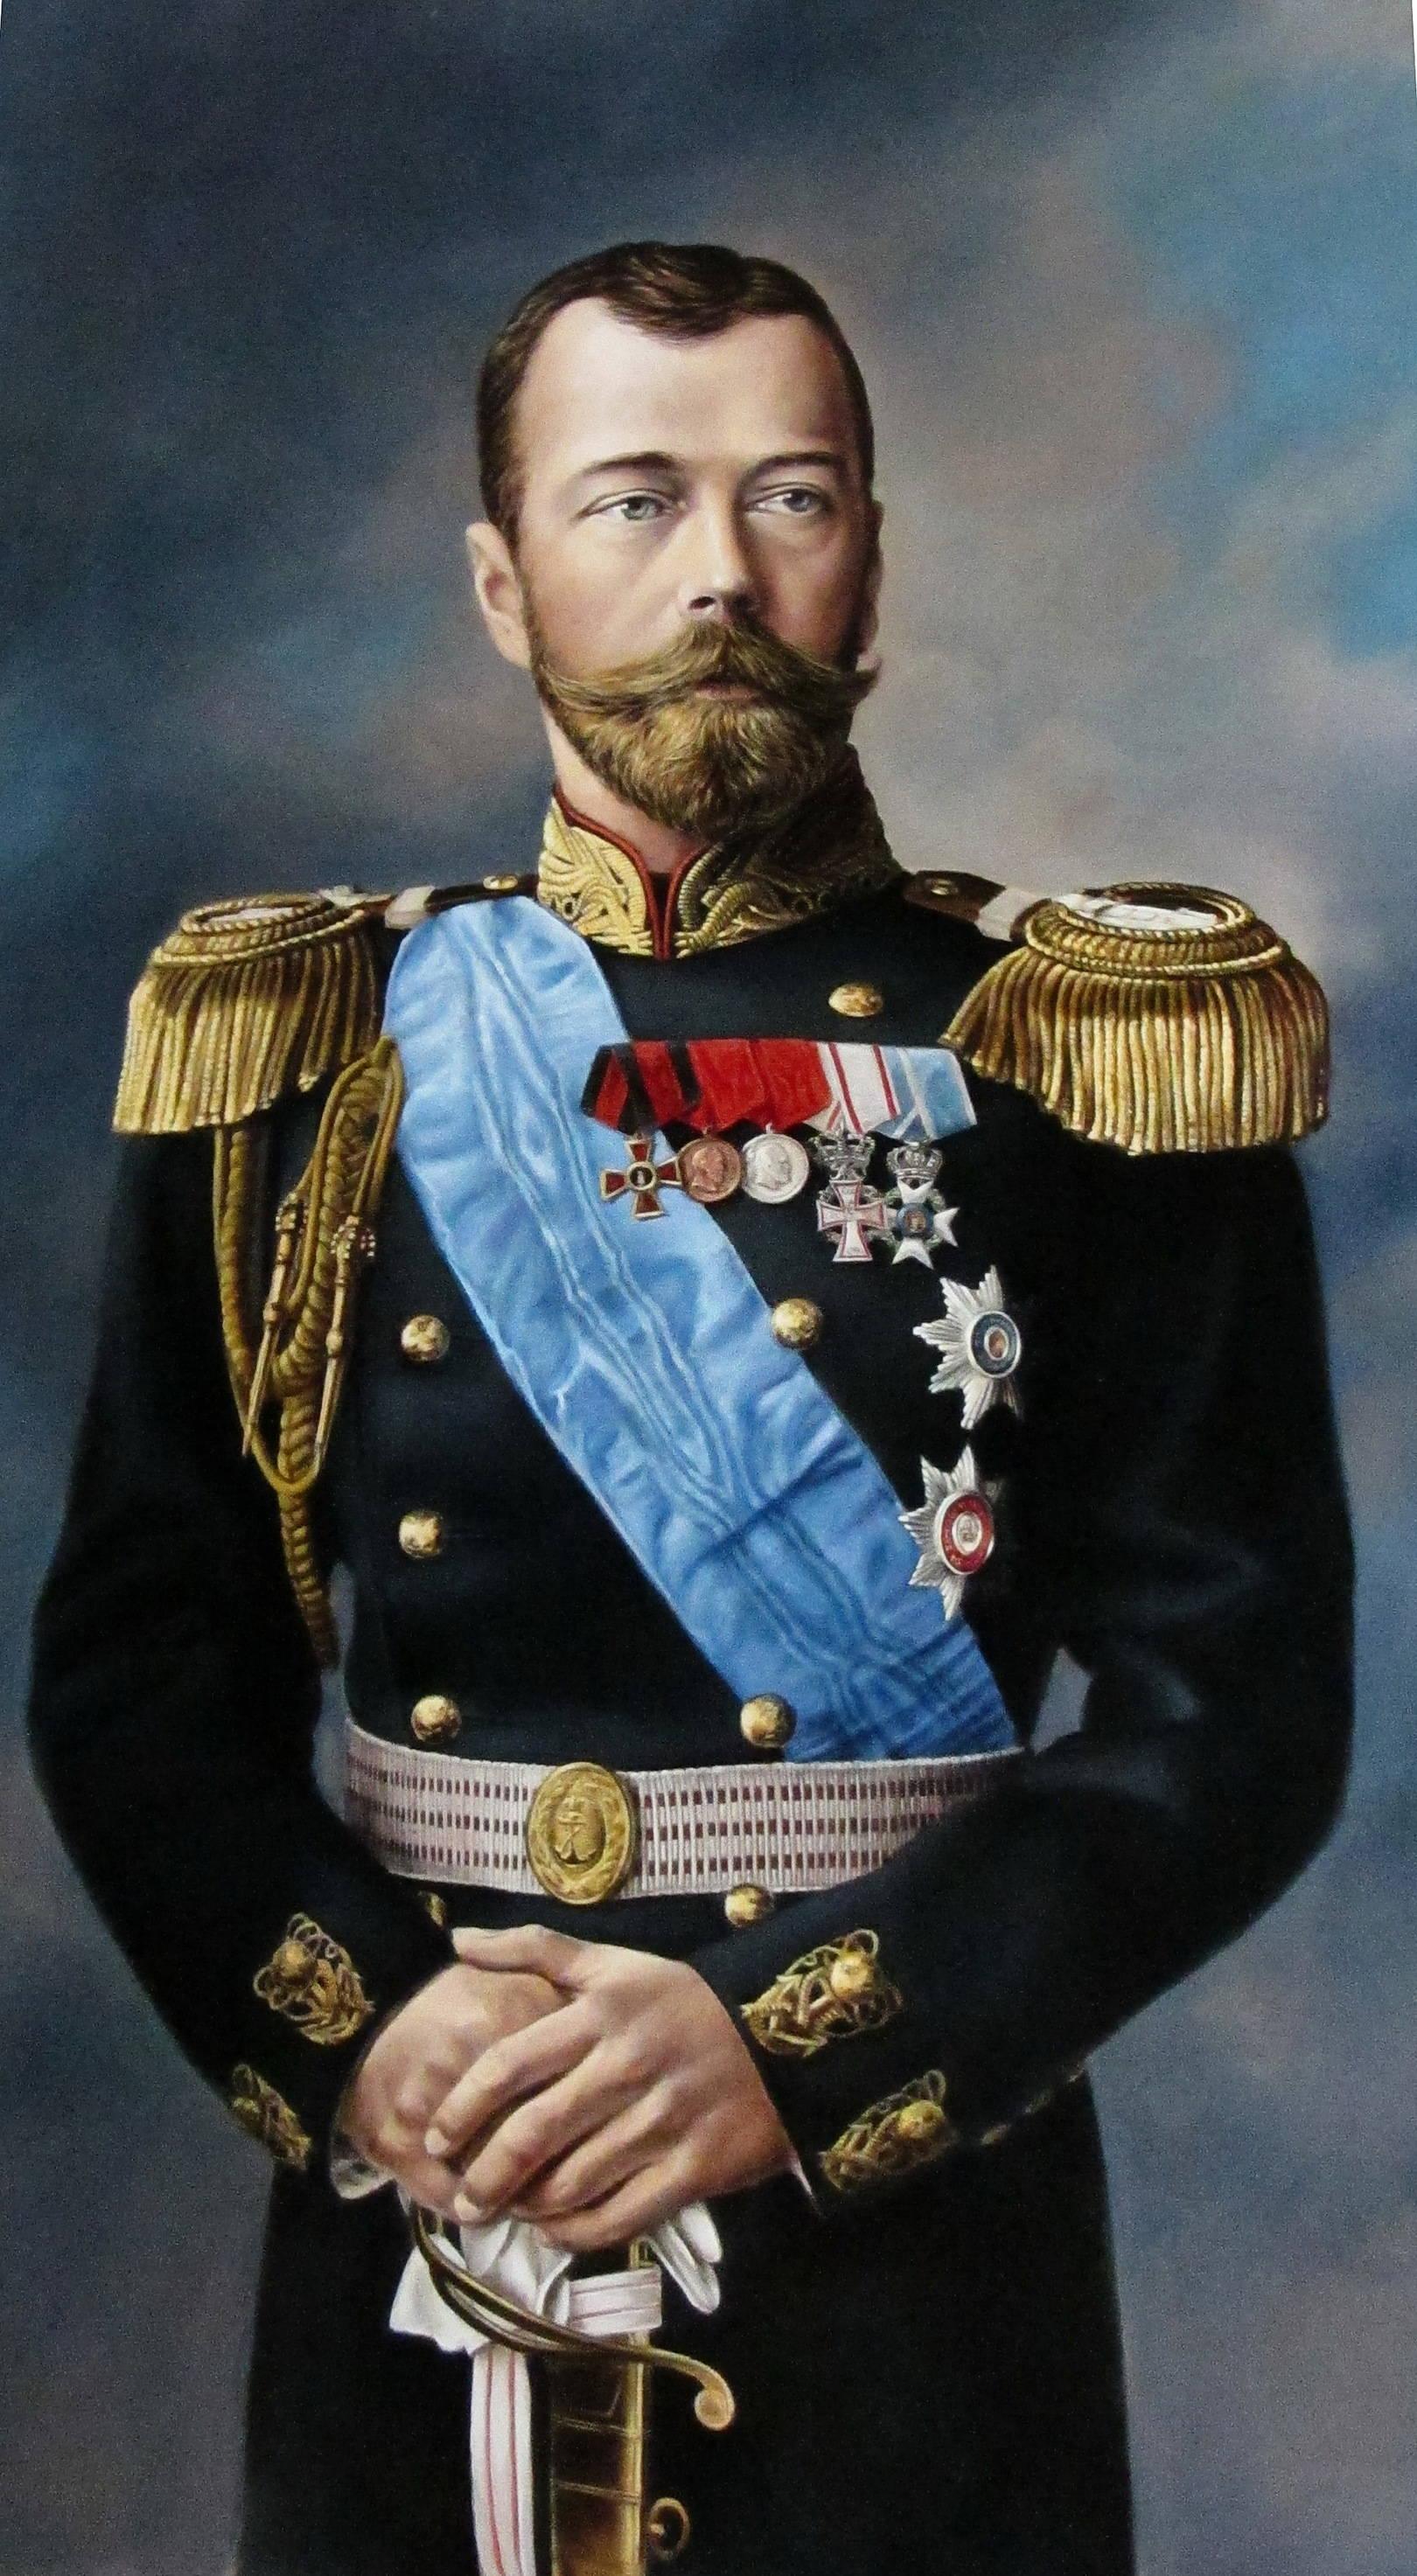 3 ноября 1894 года на Престол взошел наш Император, поднявший Россию на небывалую высоту.Эпоха правления императора Николая II (1894–1917 ГГ.) является одной из самых выдающихся в истории и государственном строительстве России